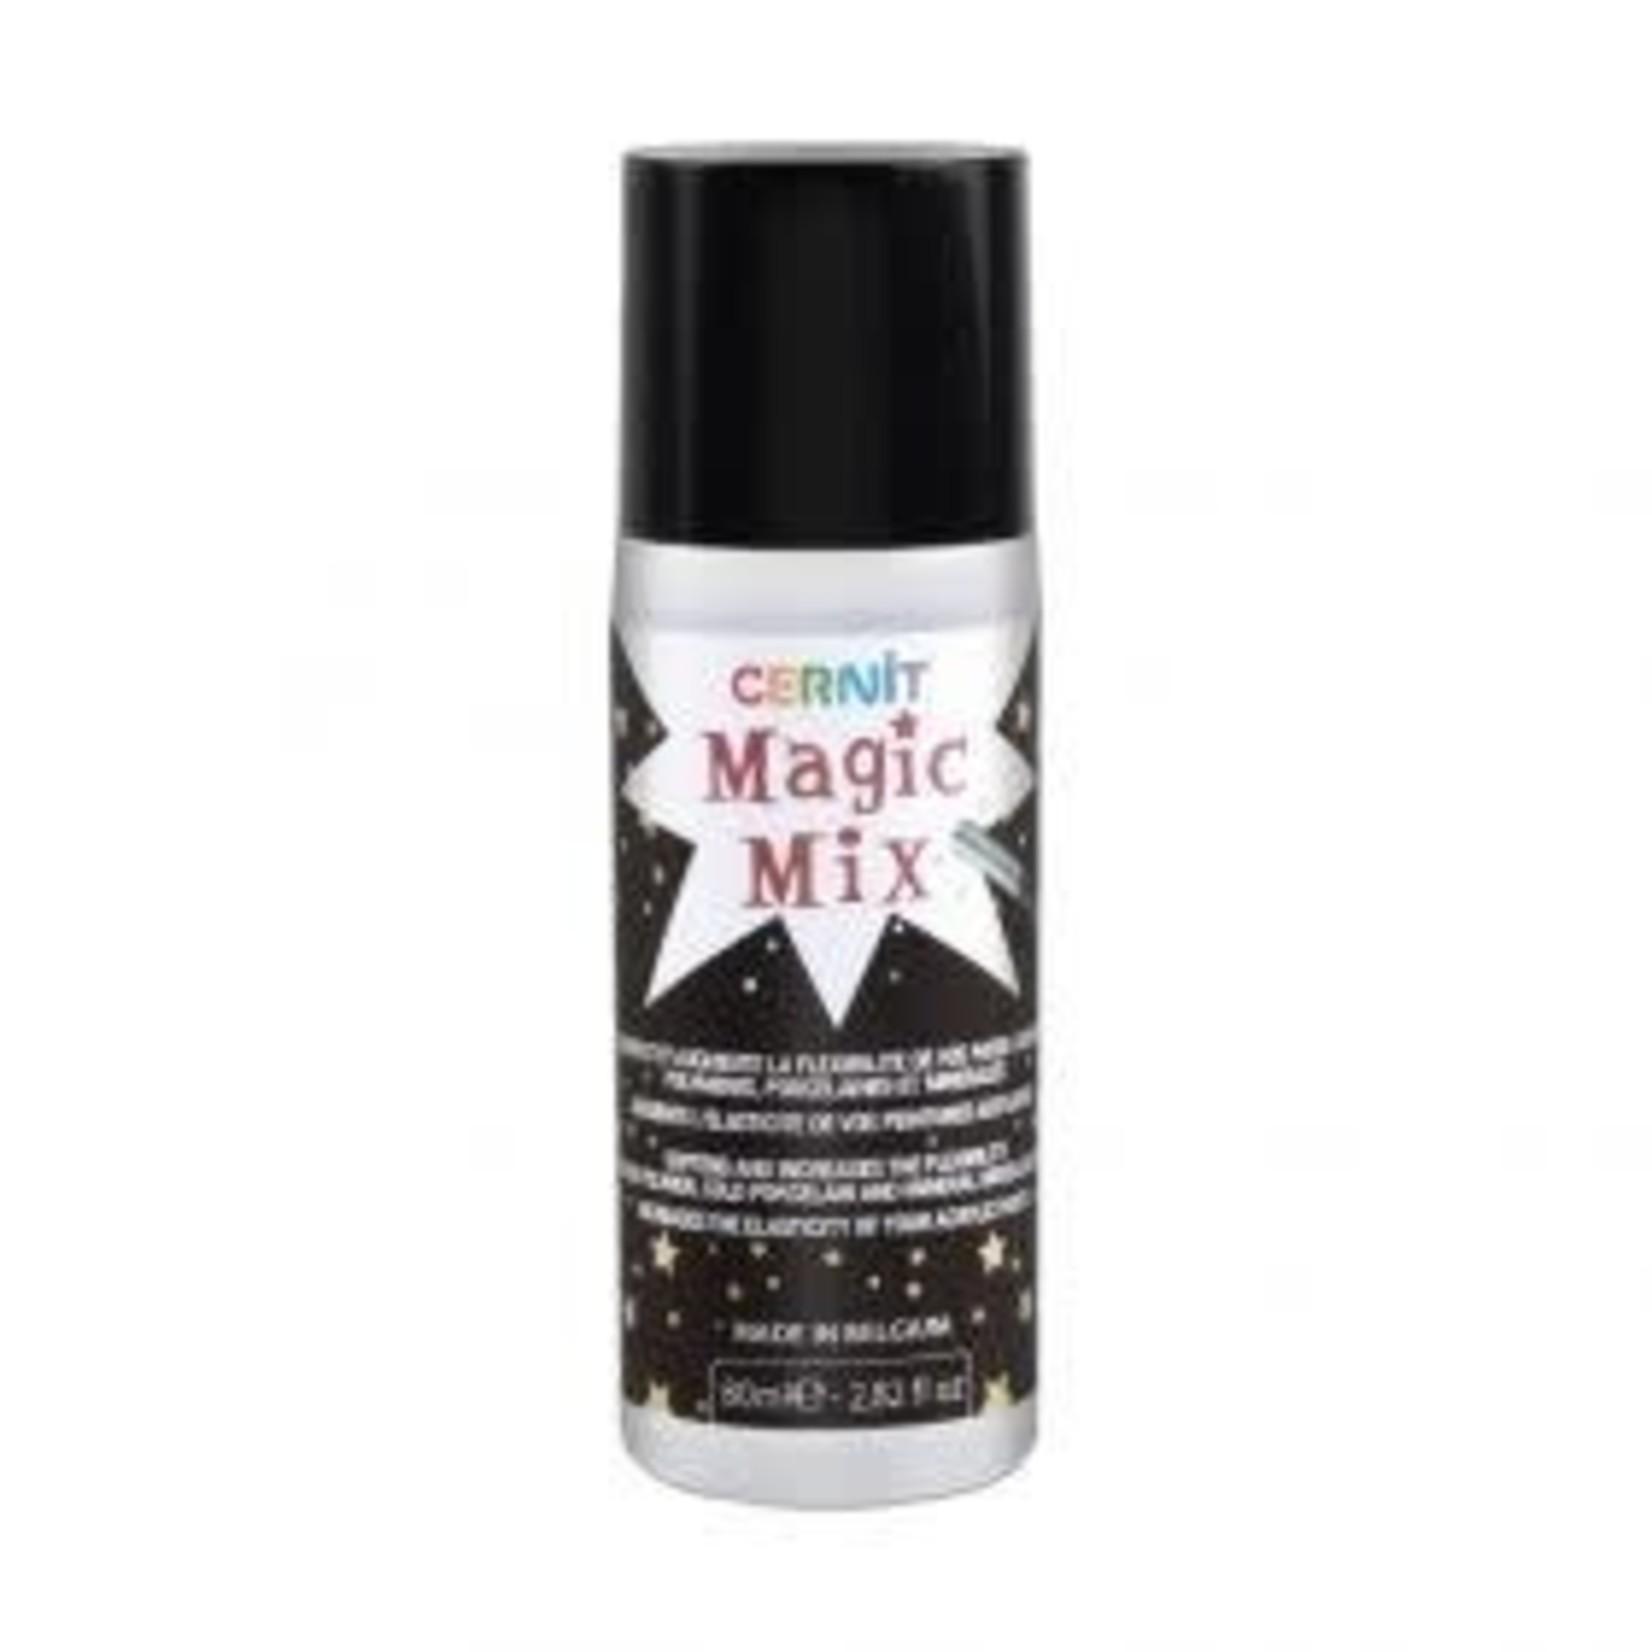 Cernit Cernit Magic Mix 80ml (2.82fl oz)